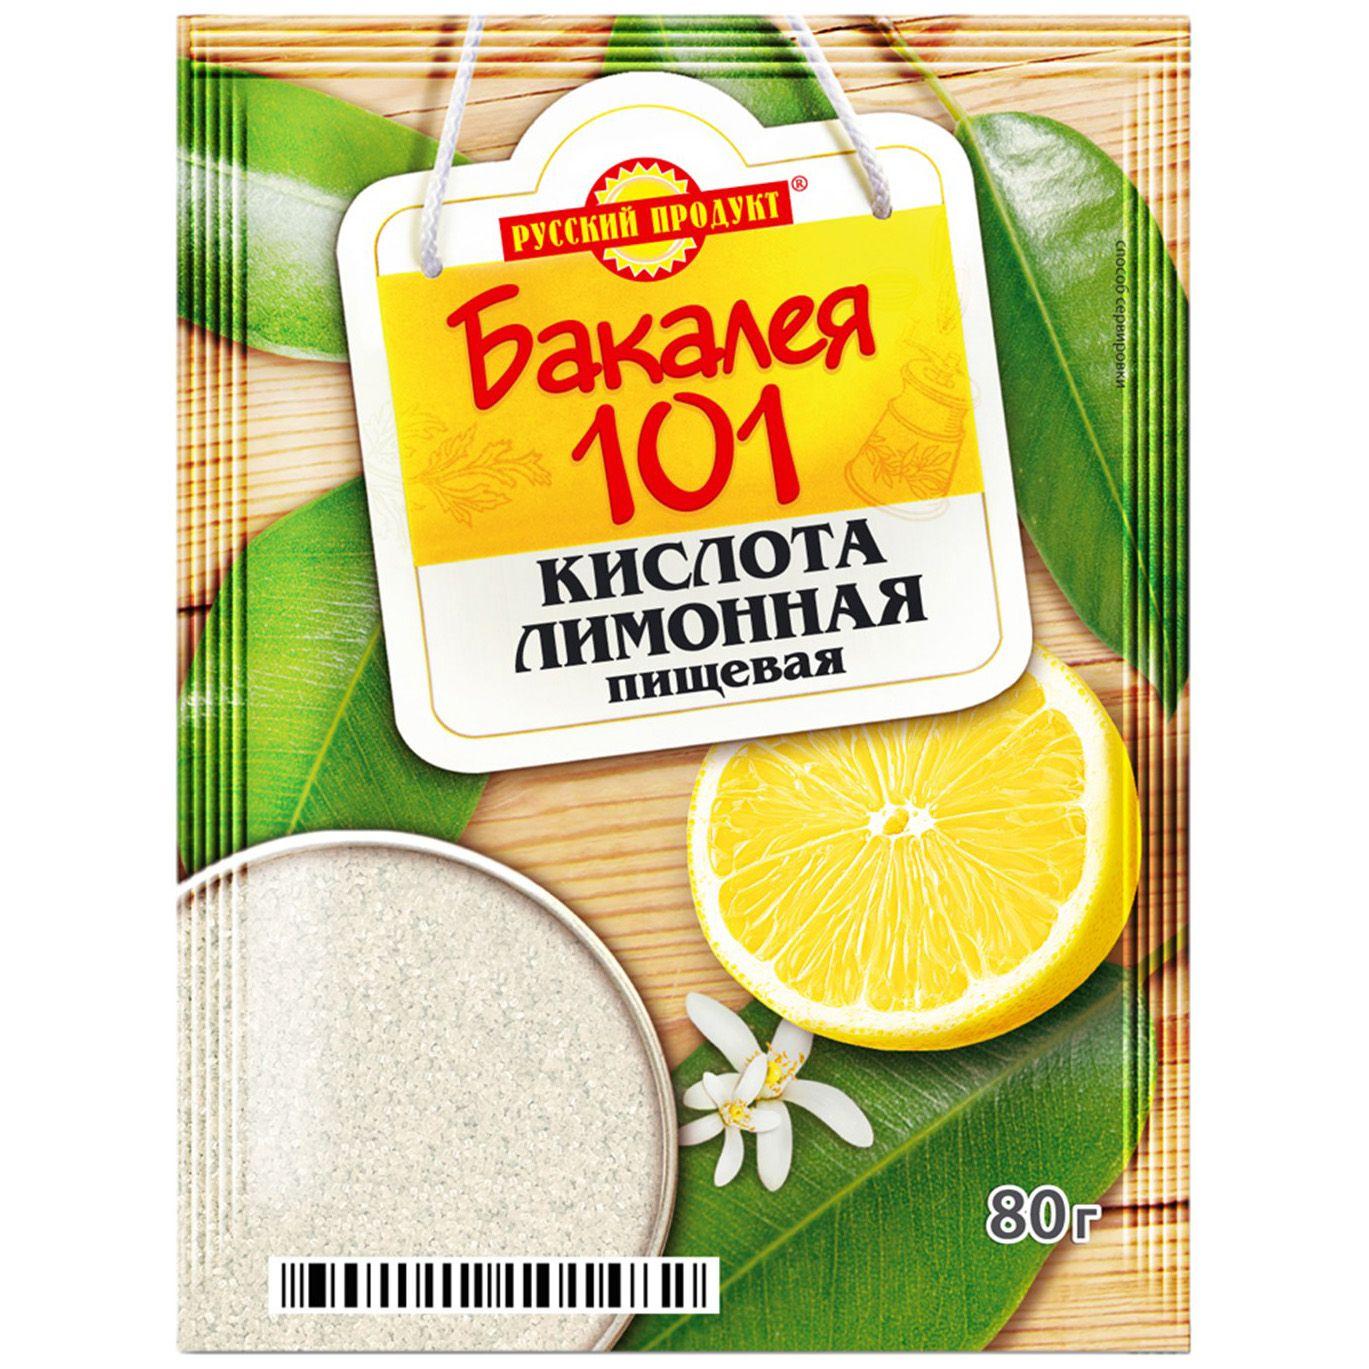 Бакалея 101 Кислота лимонная 80г Бакалея 101